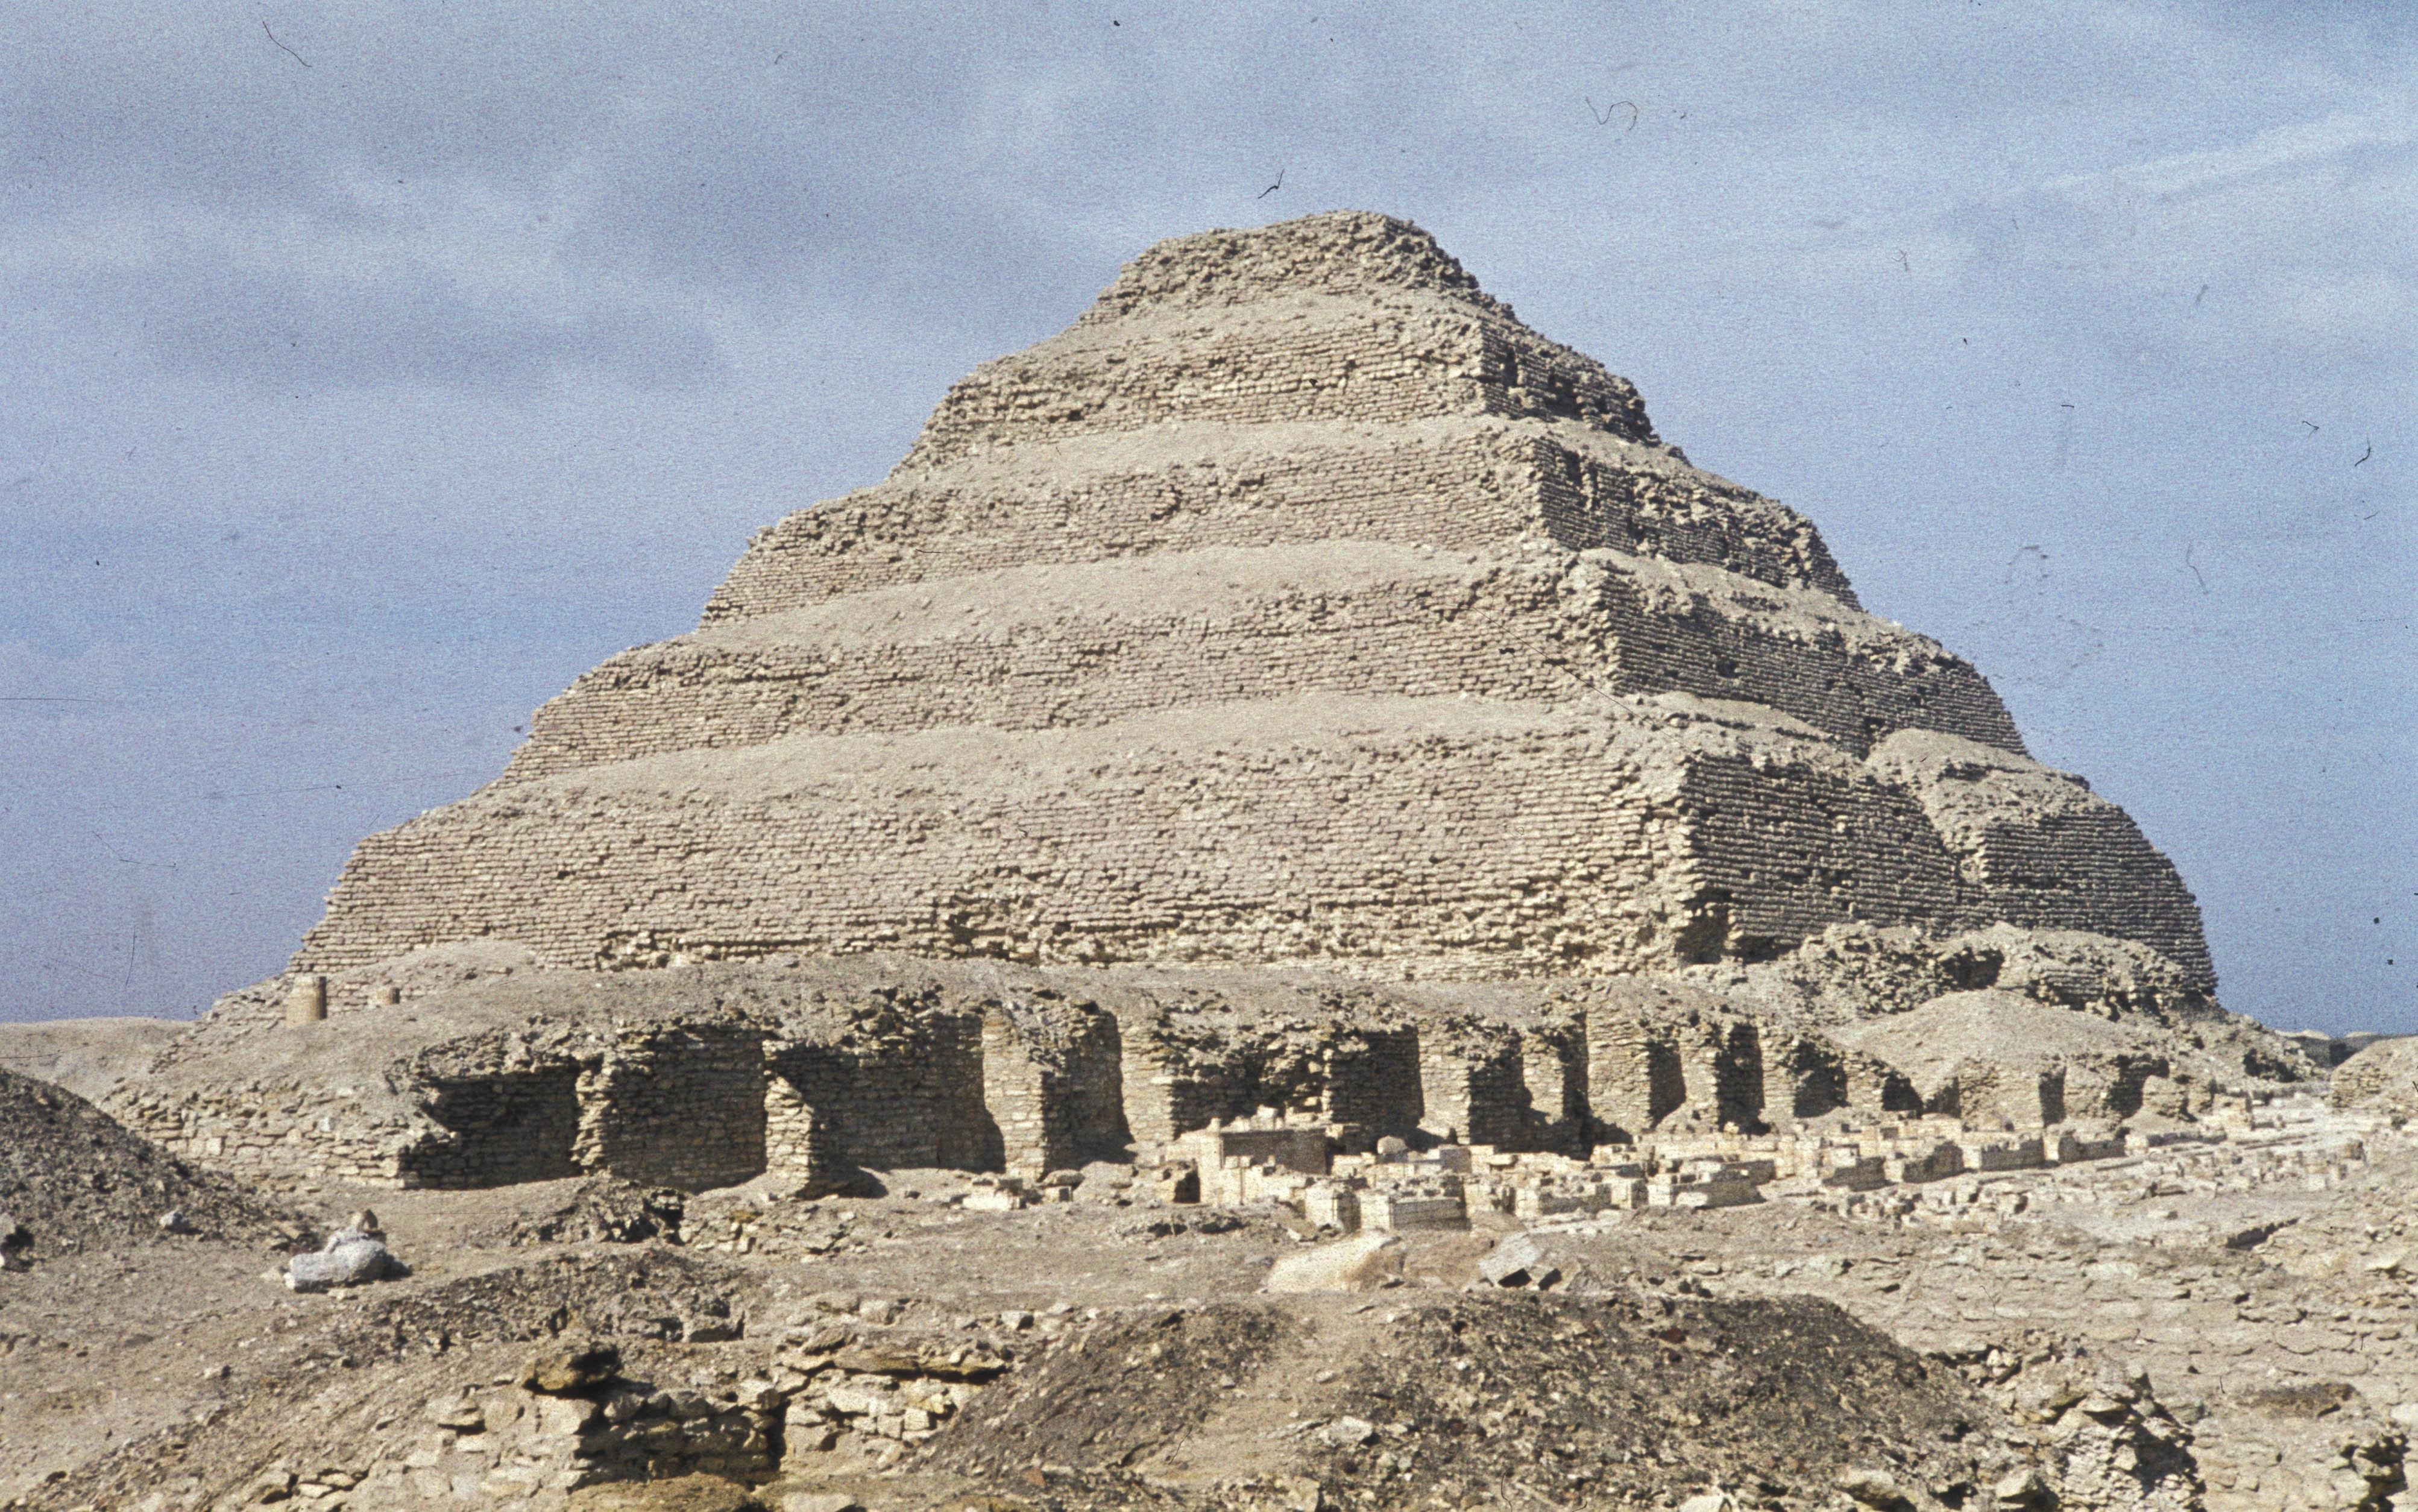 La Piramide di Saqqara